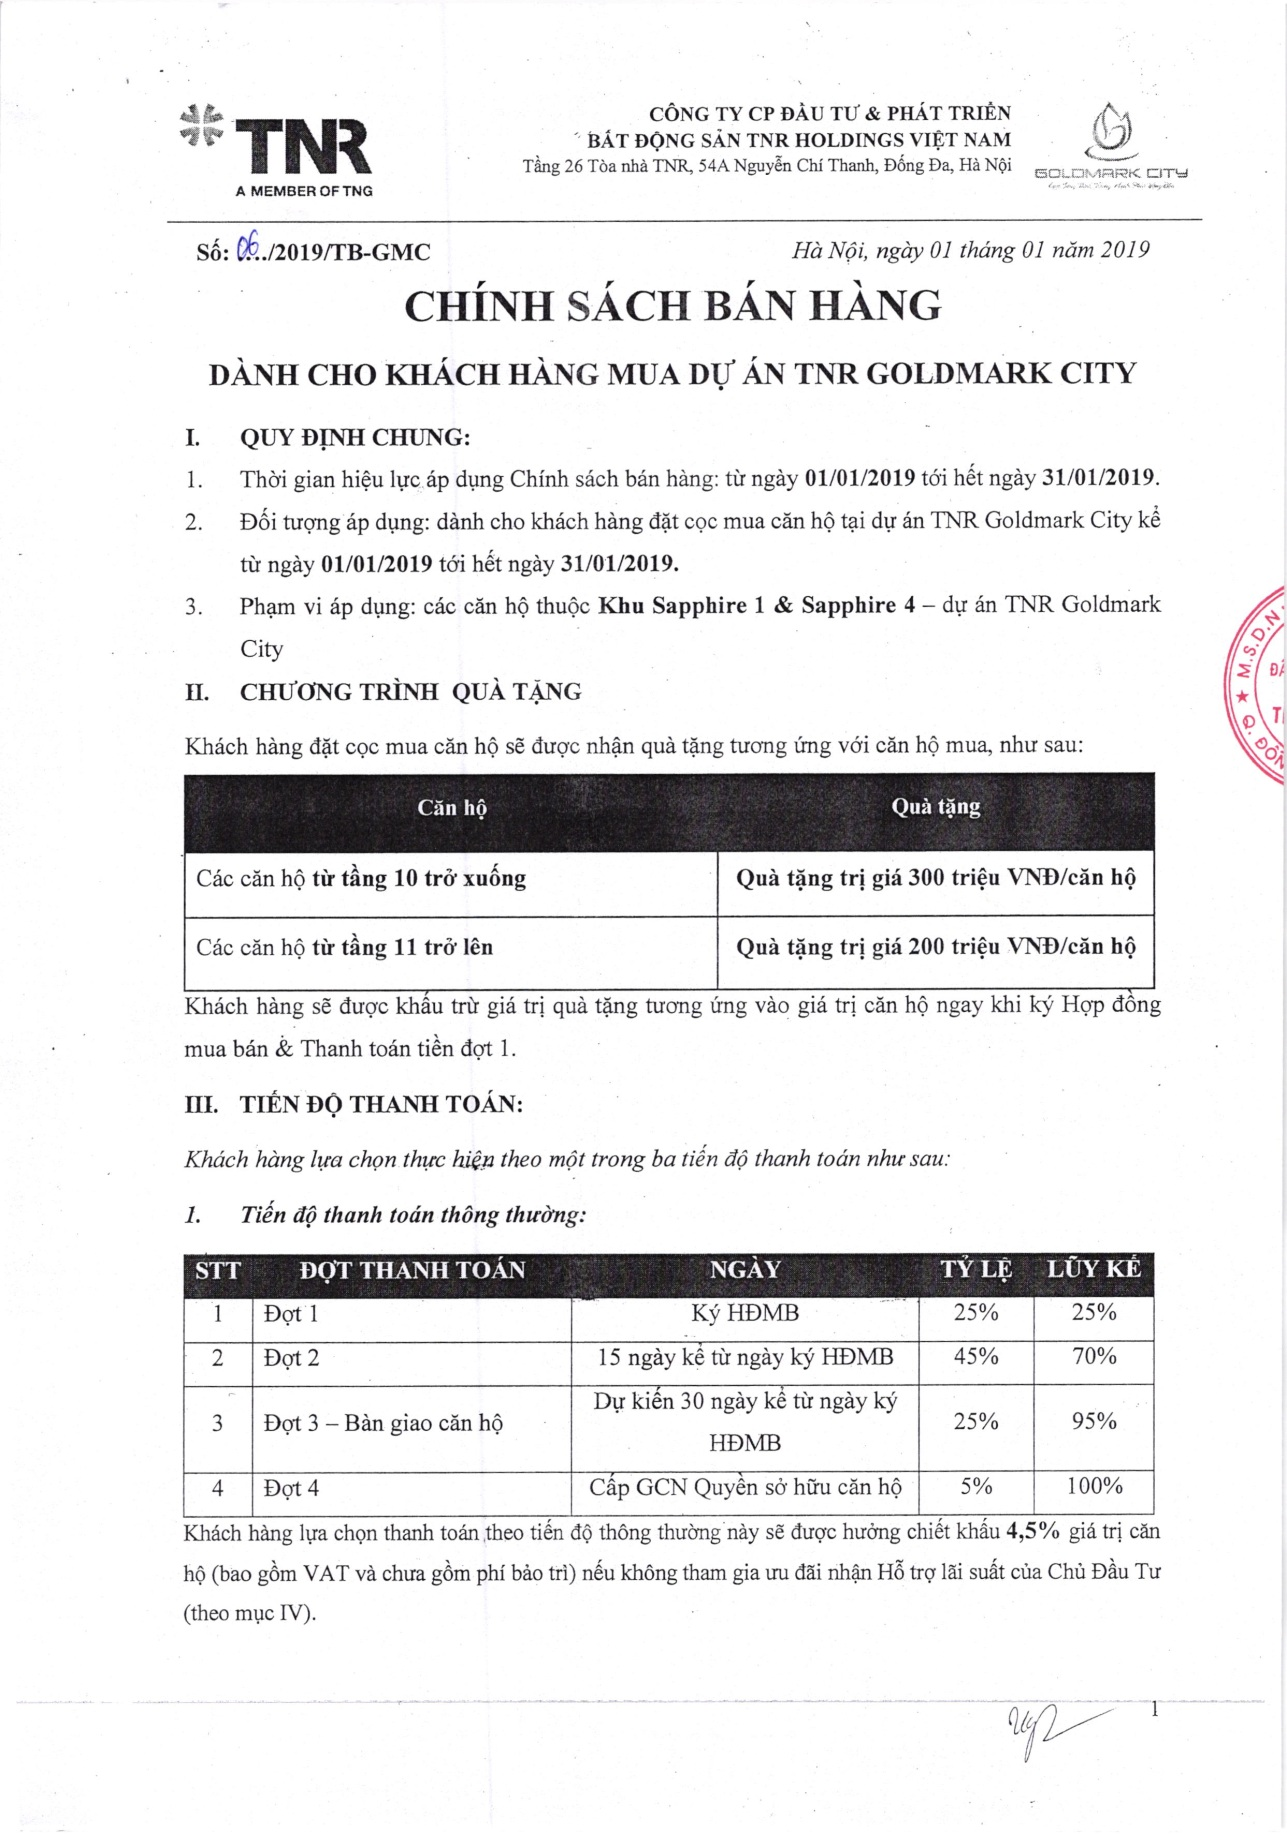 csbh sapphire 1 và 4